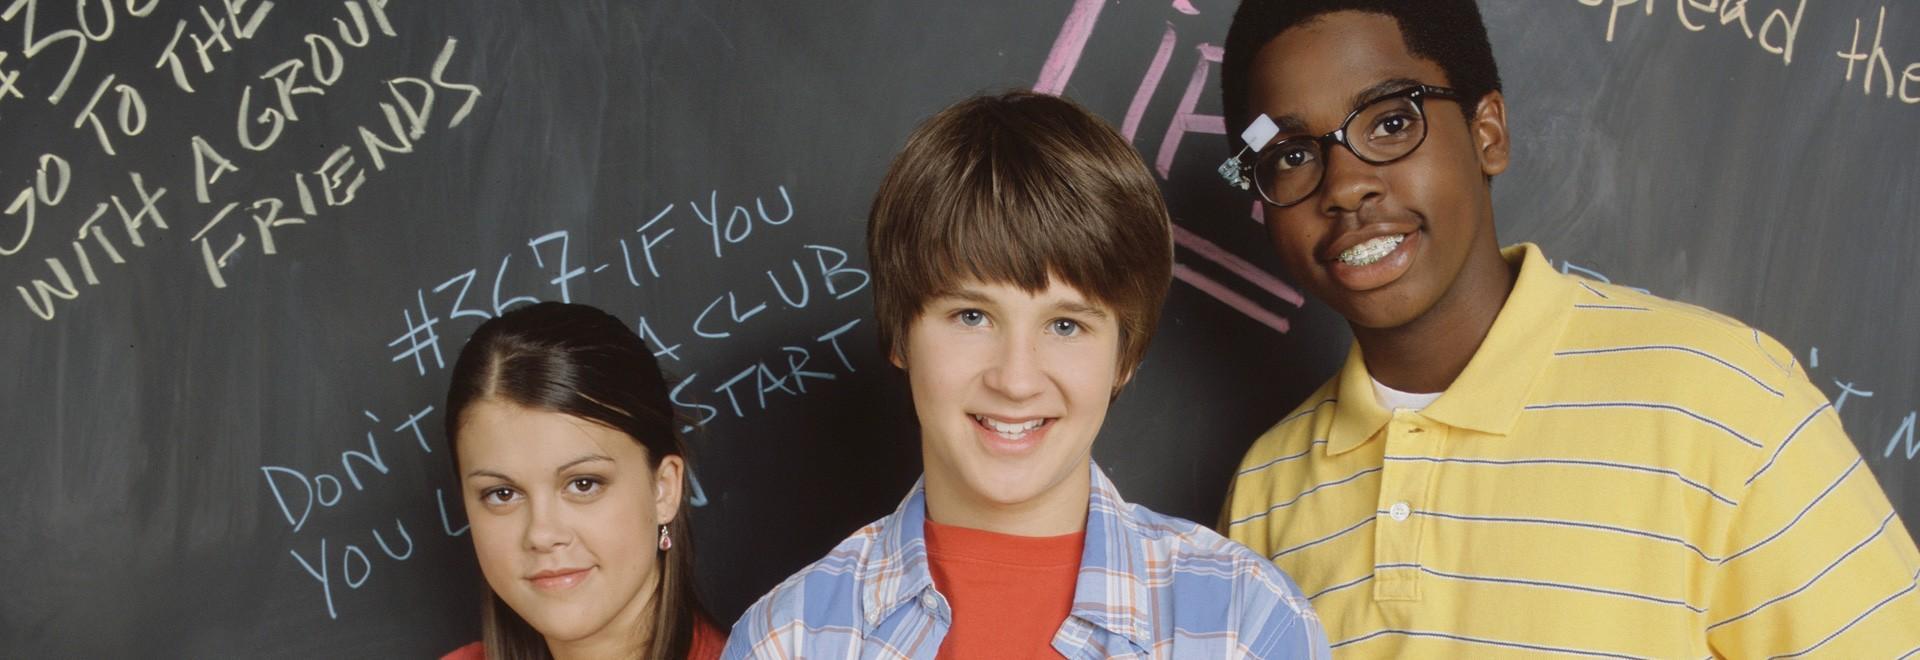 Ned: Scuola di sopravvivenza